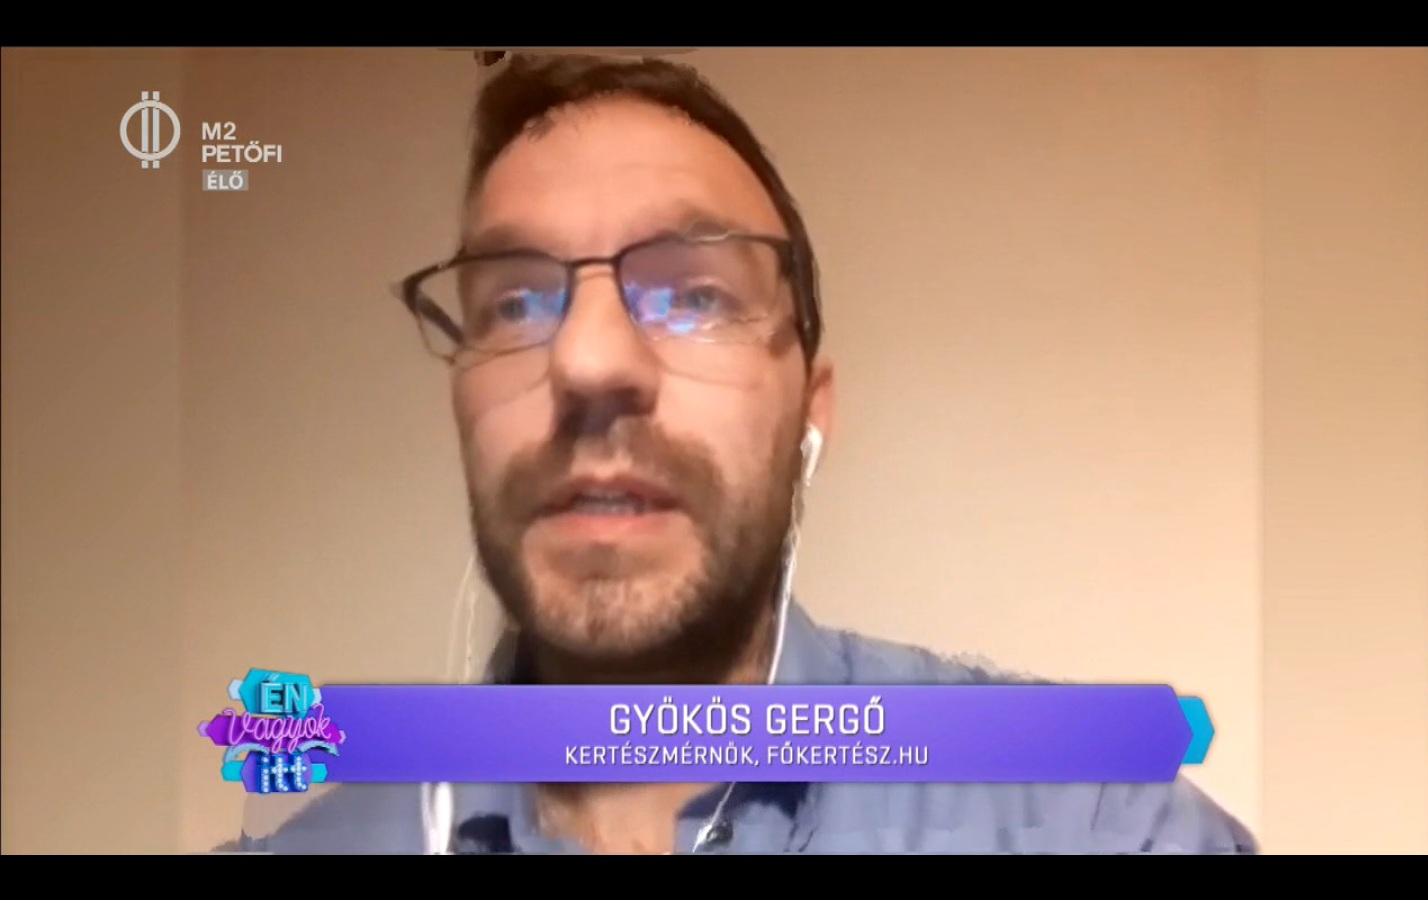 A Főkertész.hu az M2 Petőfi Tv Én vagyok itt című adásban!